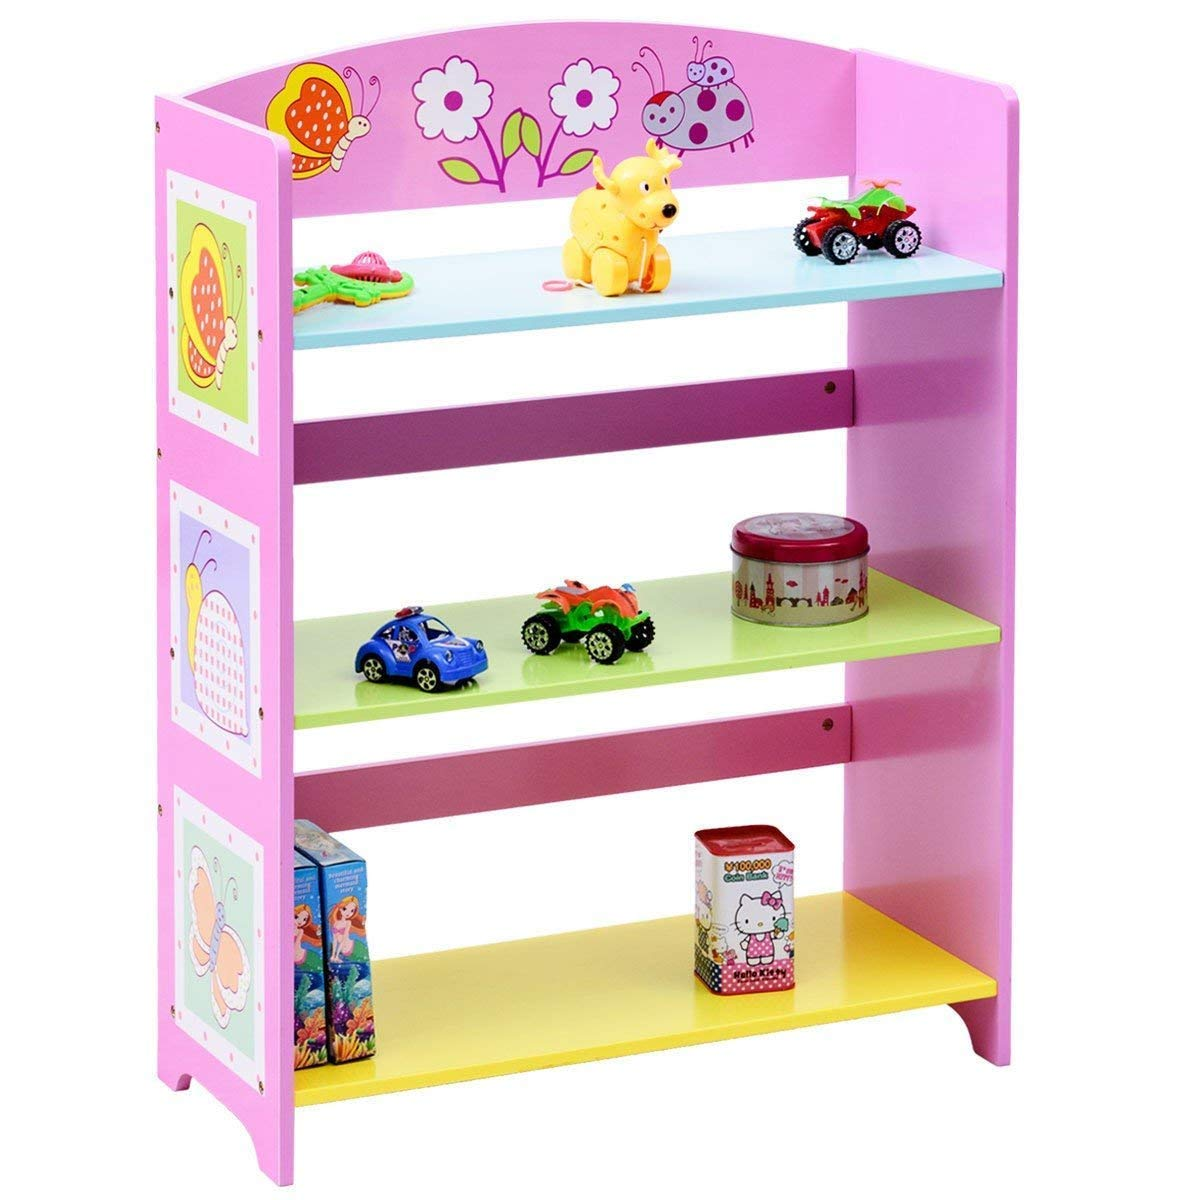 online retailer 1b980 acd6e Cheap Small Kids Bookshelf, find Small Kids Bookshelf deals ...